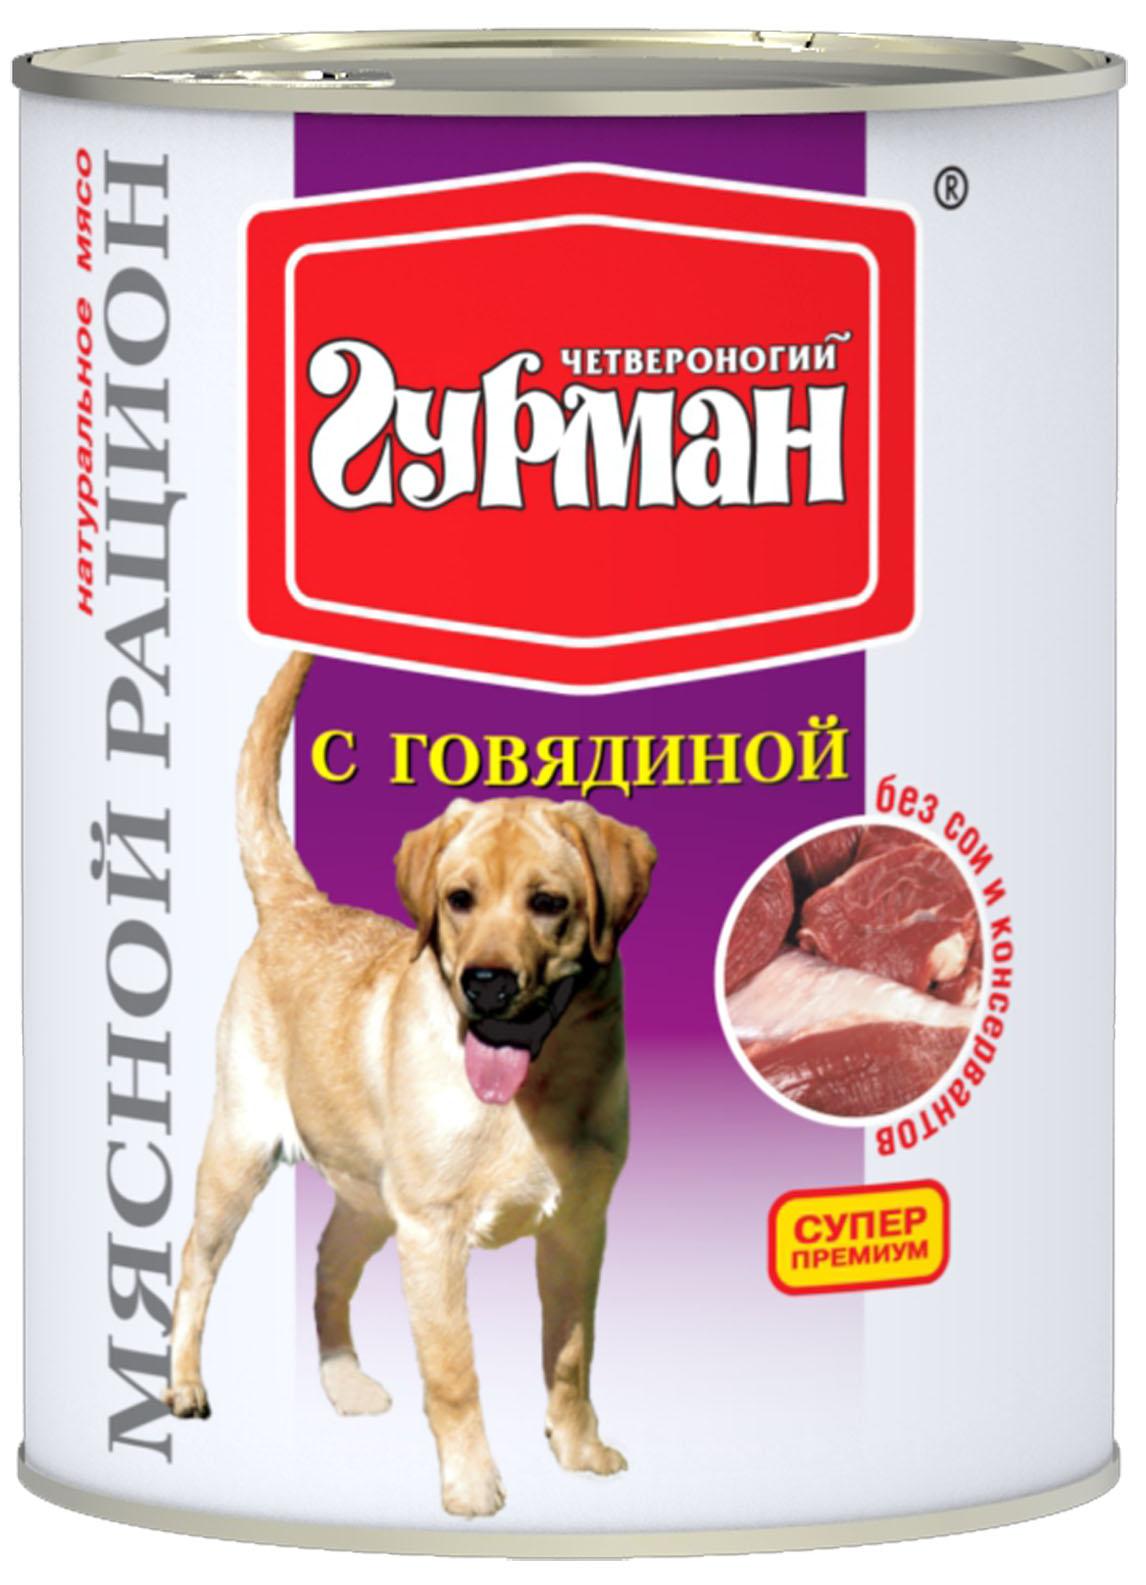 Консервы для собак Четвероногий Гурман Мясной рацион, с говядиной, 850 г